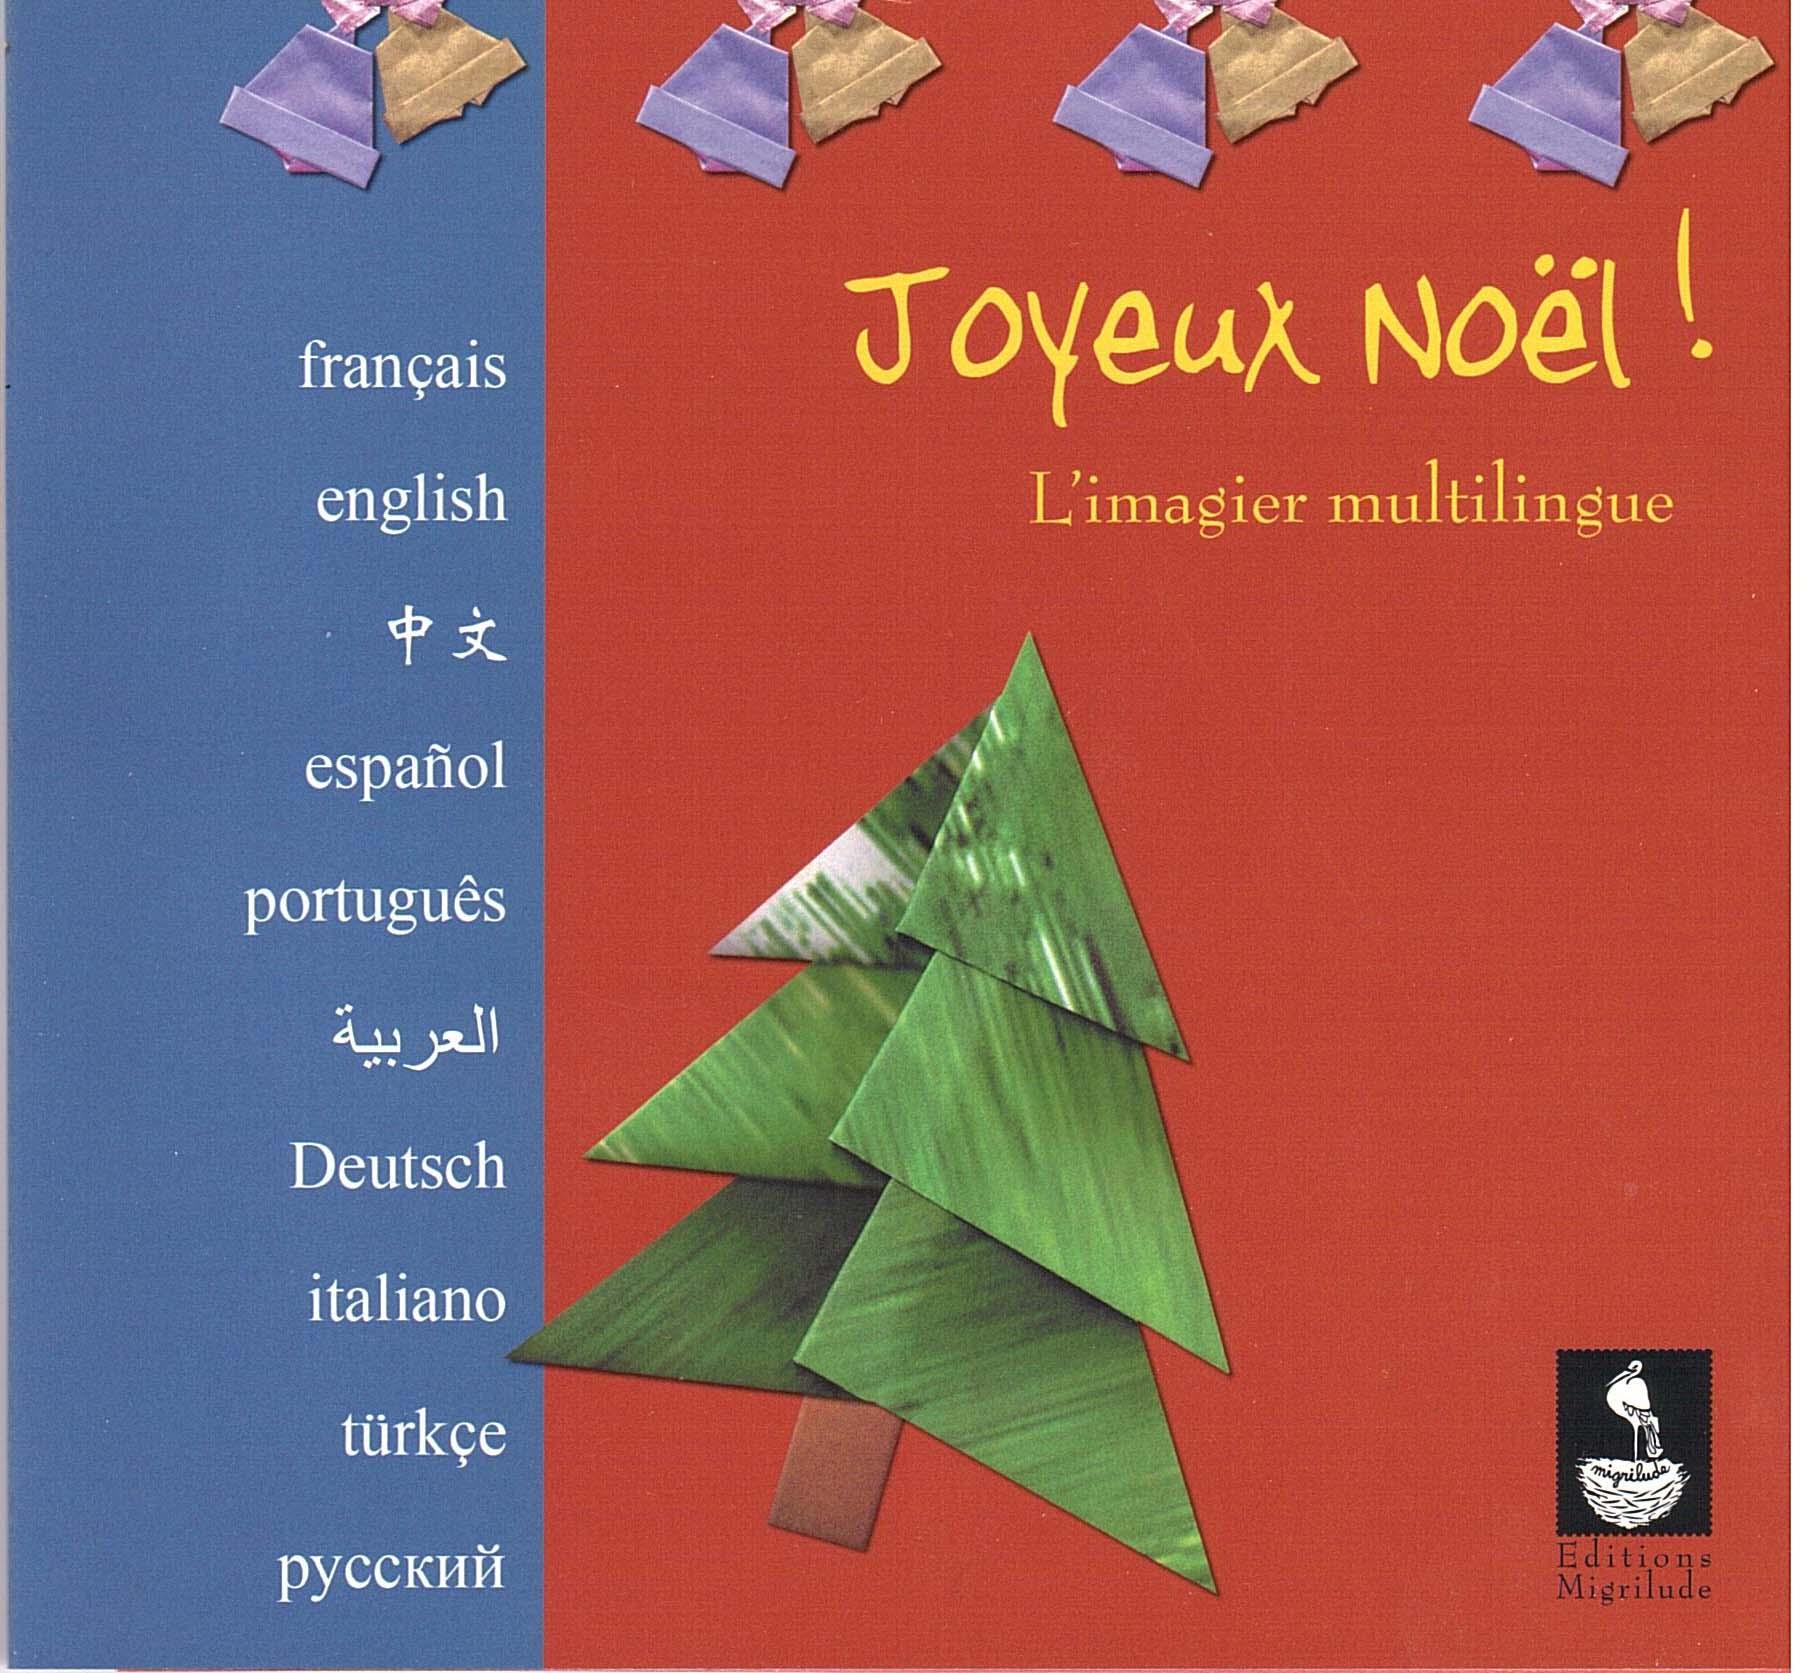 Joyeux Noel L Imagier Multilingue Virginie Kremp Livre